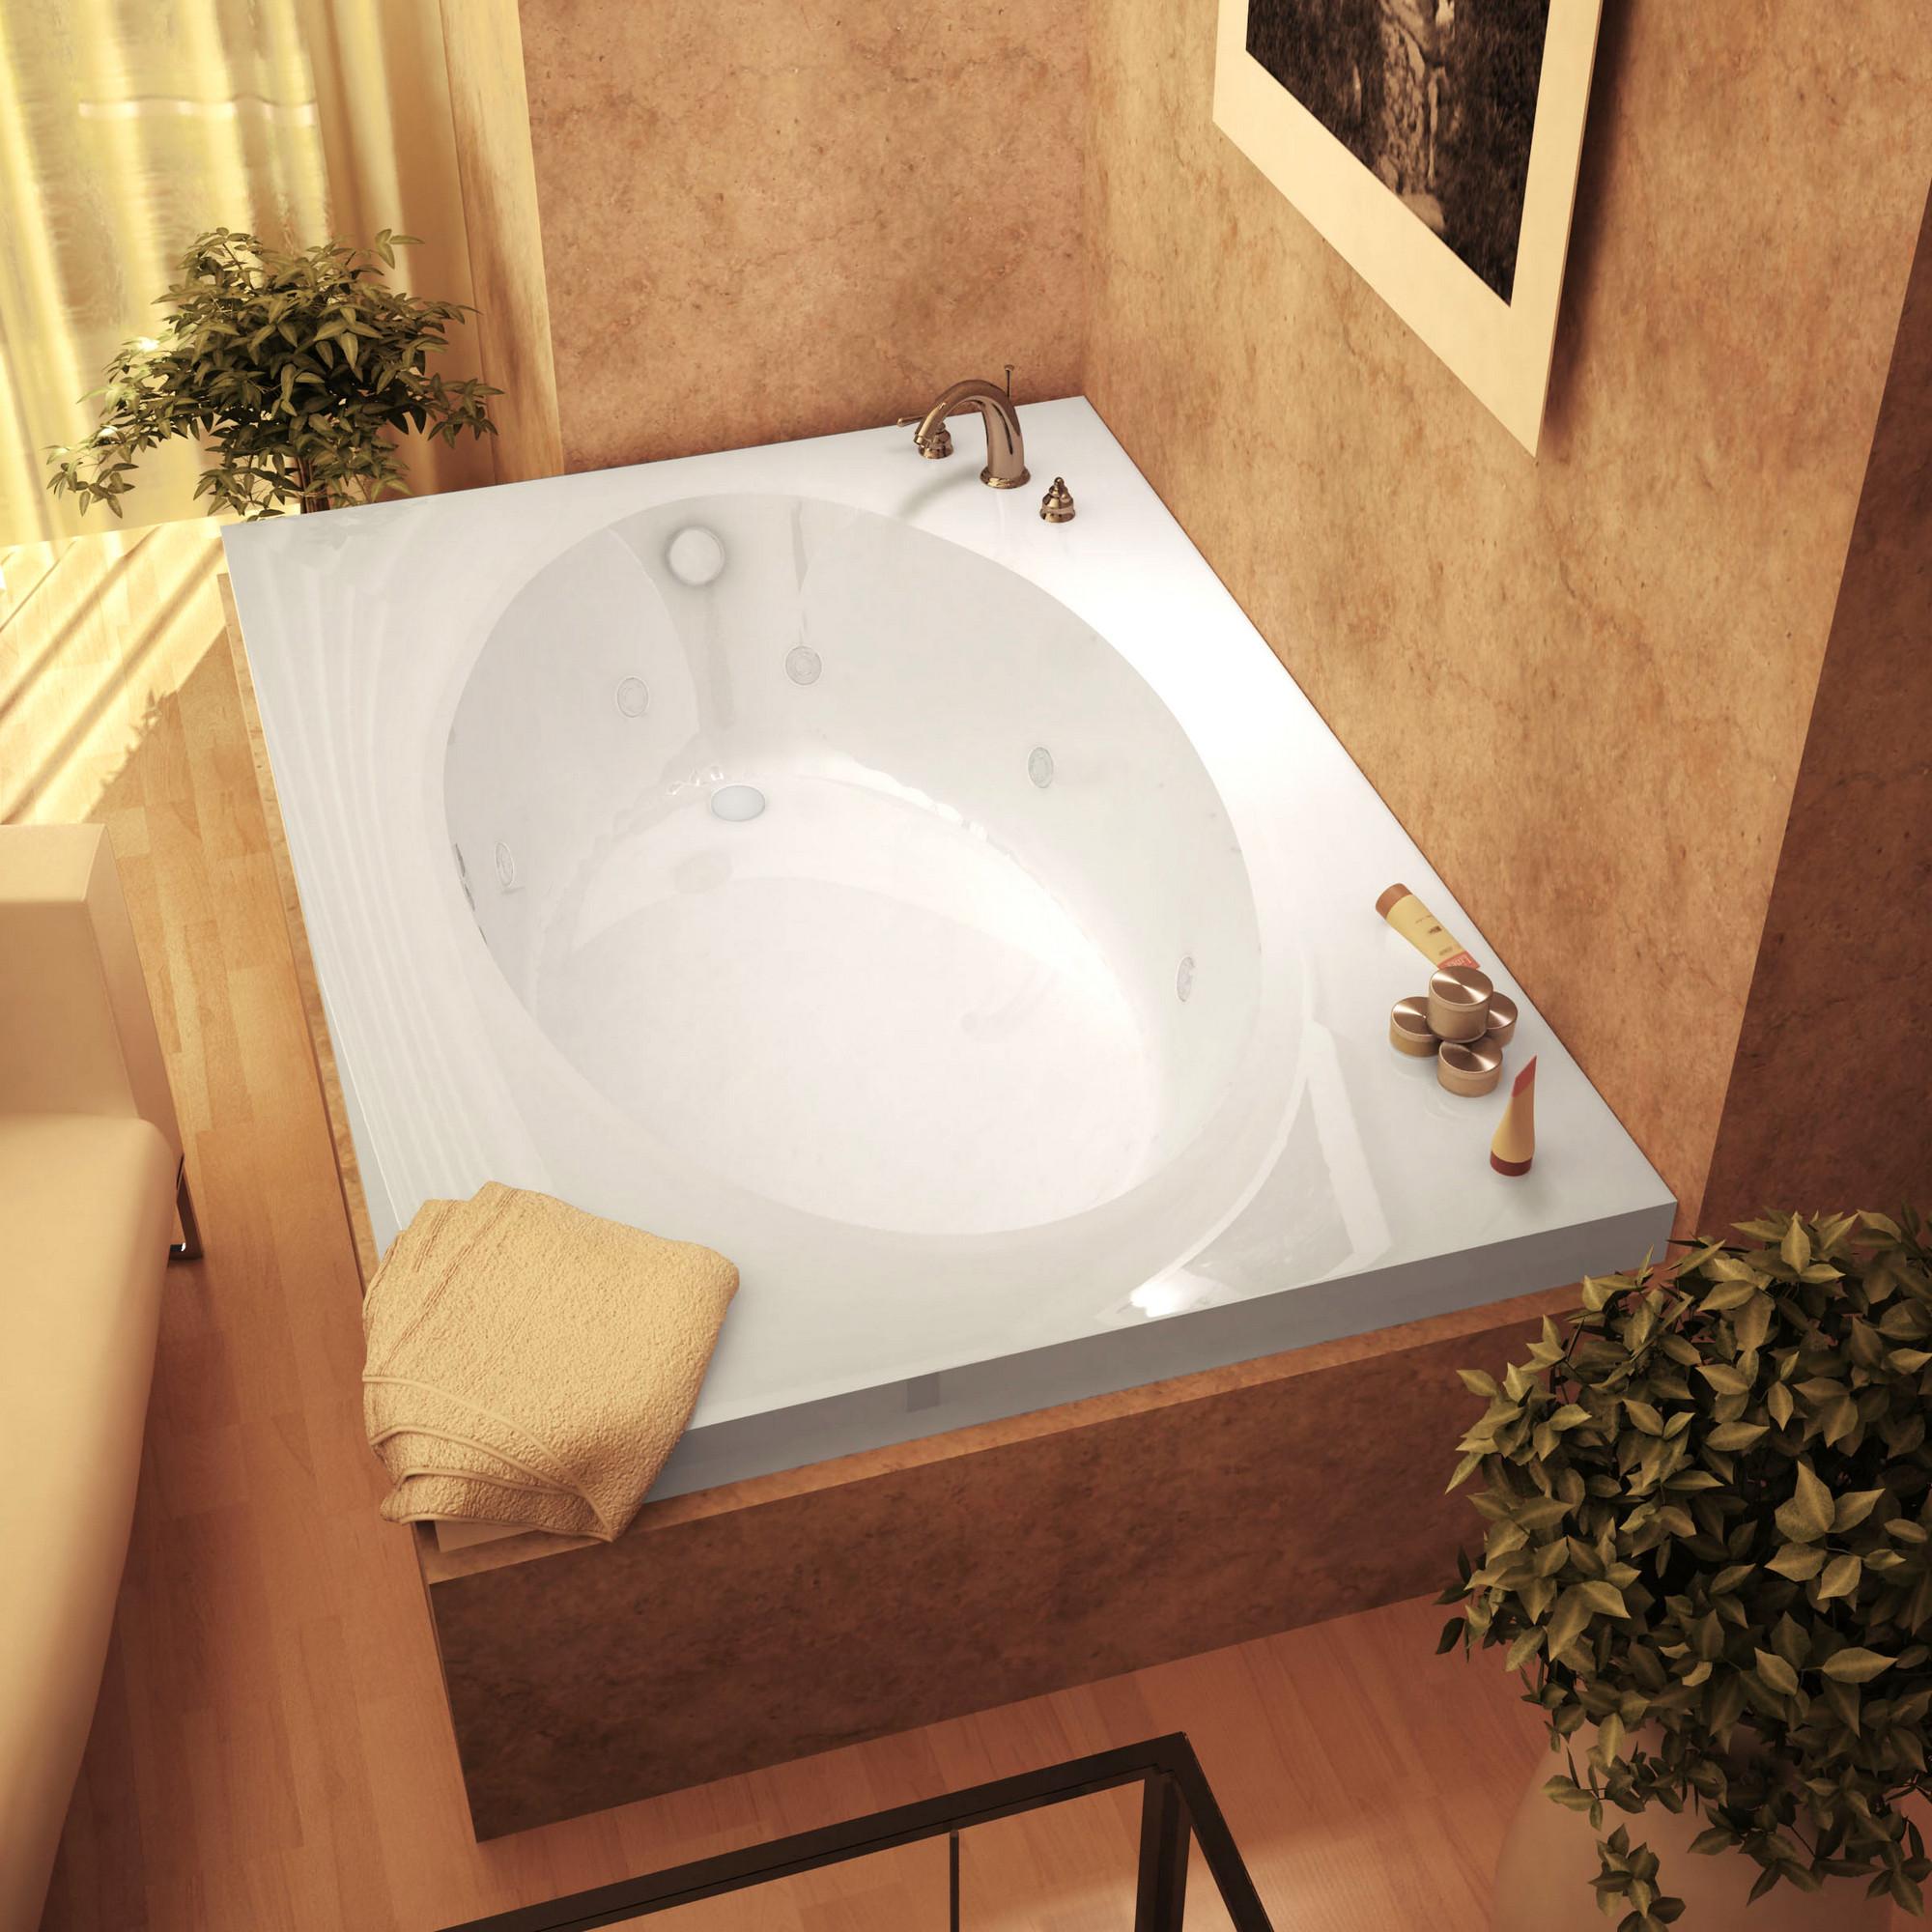 MediTub 4272VWR Atlantis Vogue Acrylic Whirlpool Bathtub With Right Drain